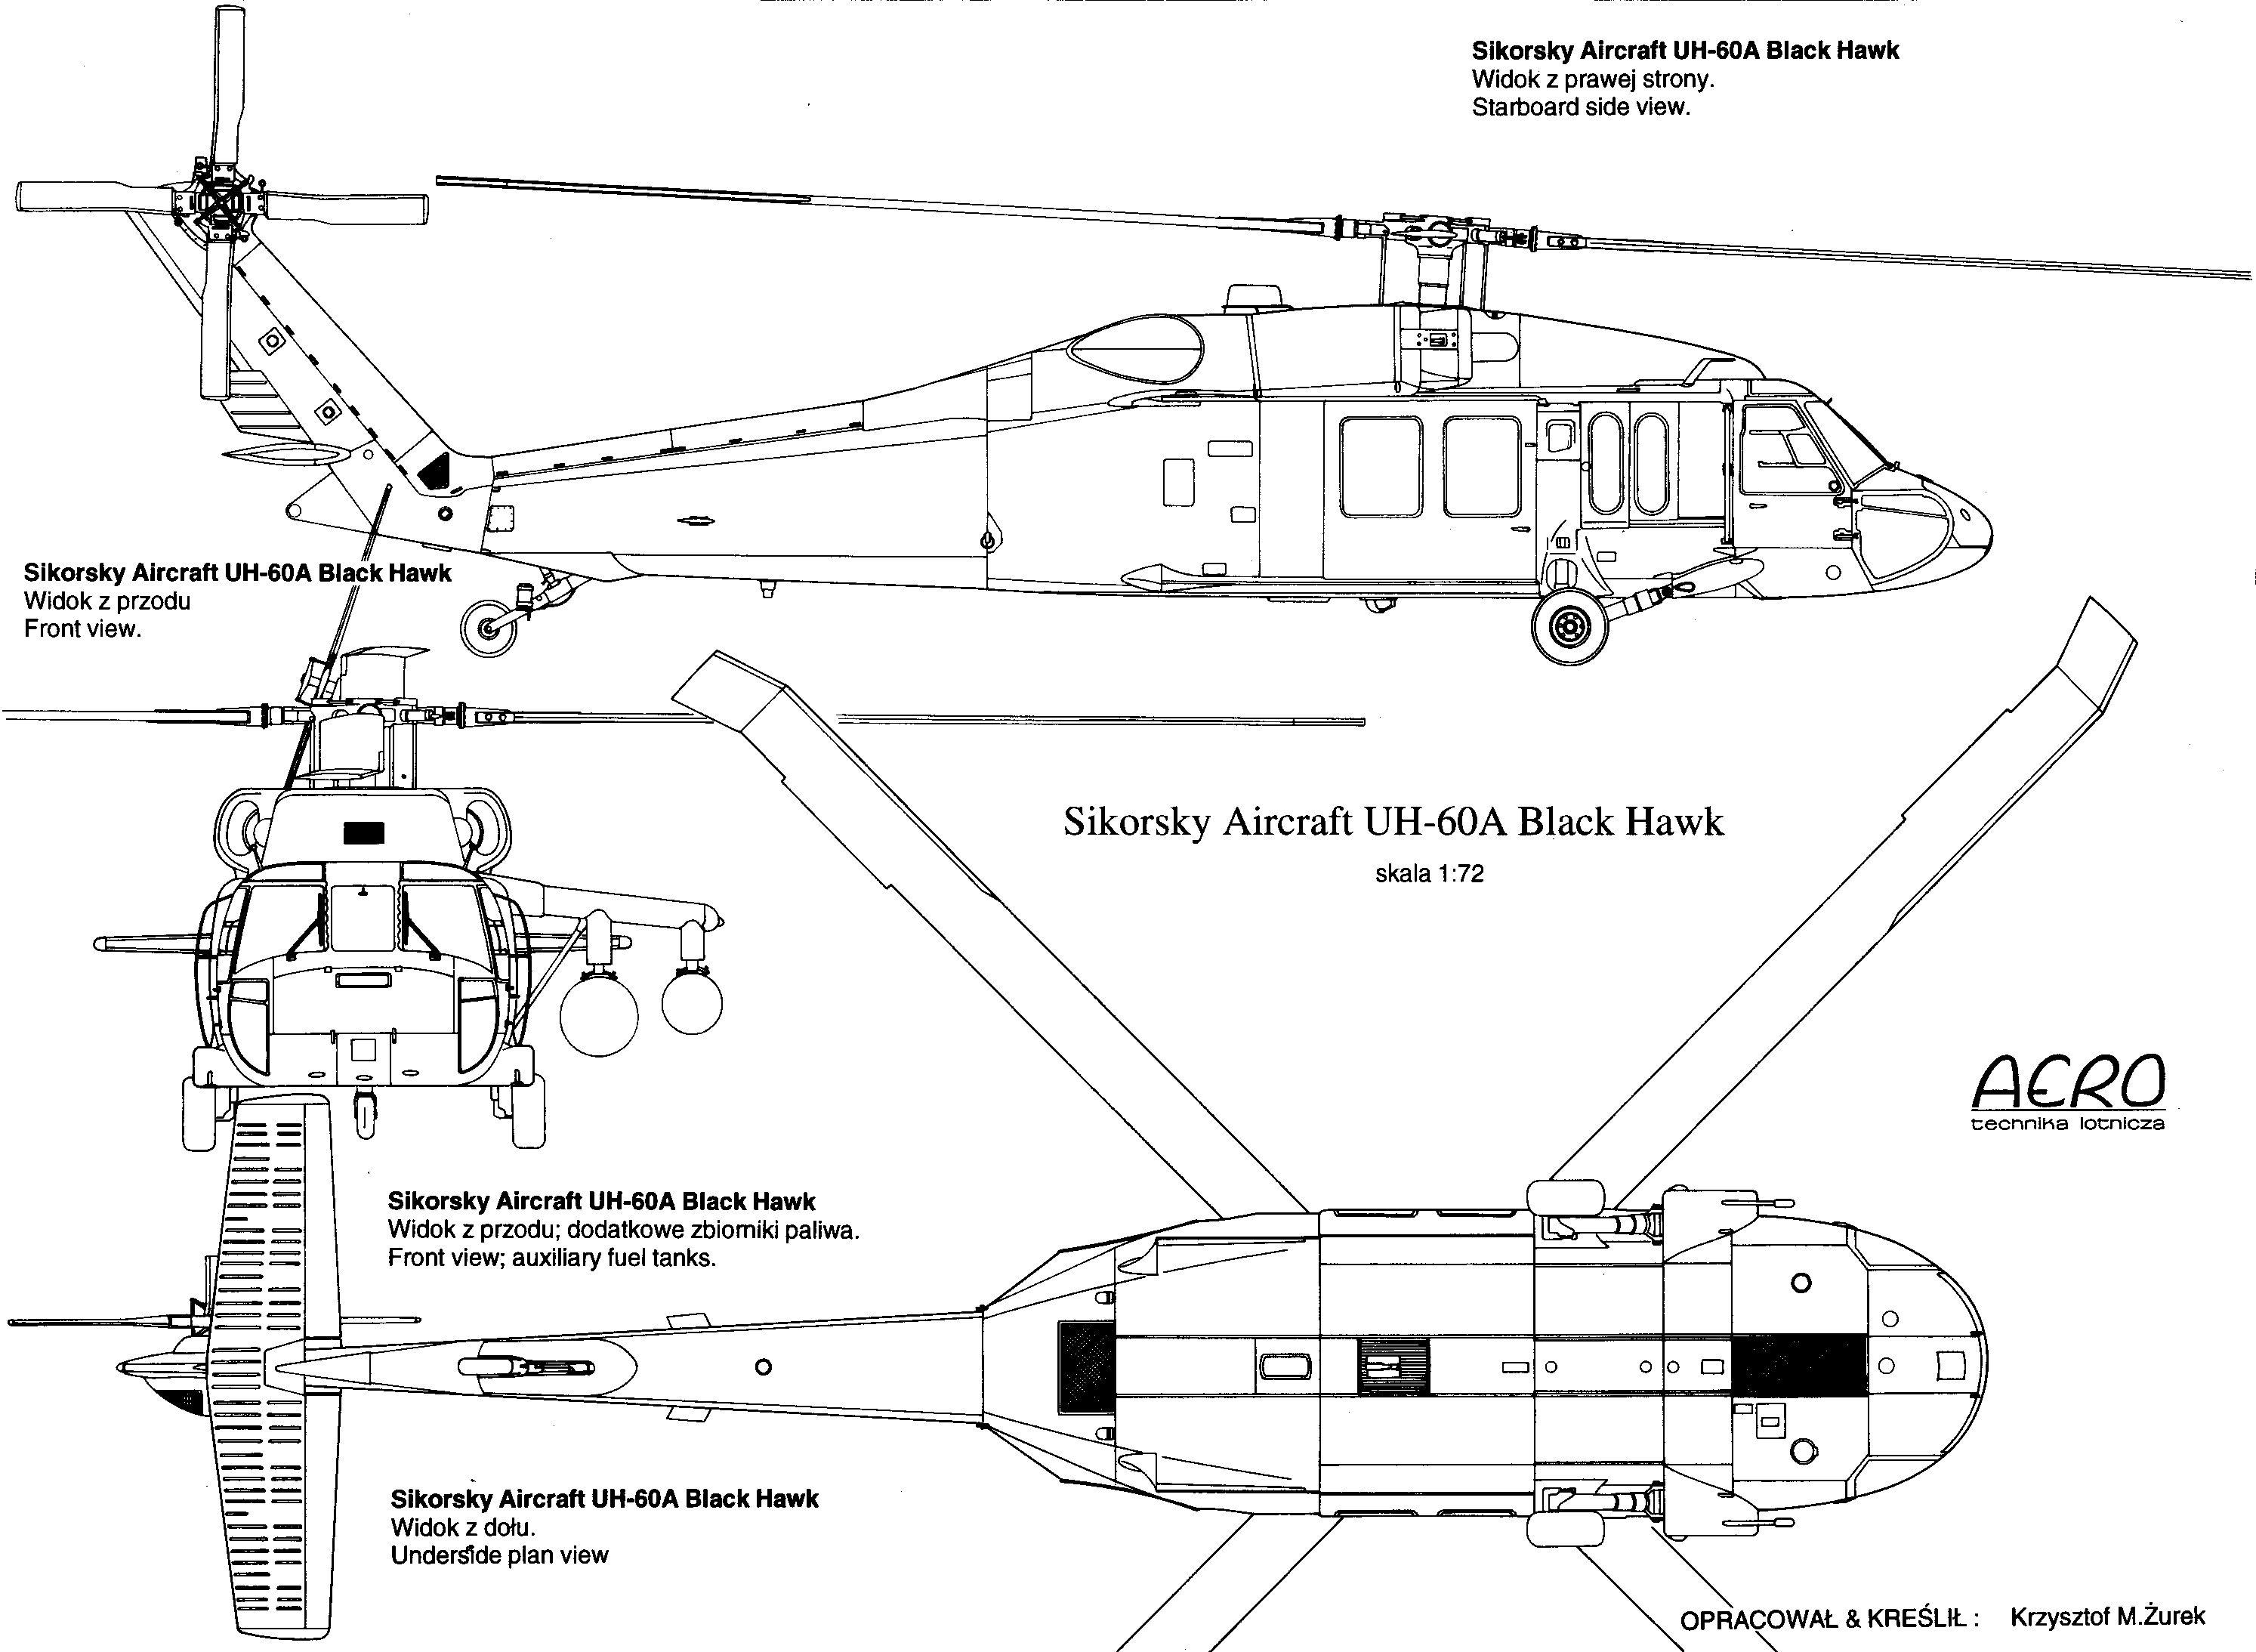 091.jpg (2987×2187) | Blueprints, Aircraft, Sikorsky aircraftPinterest